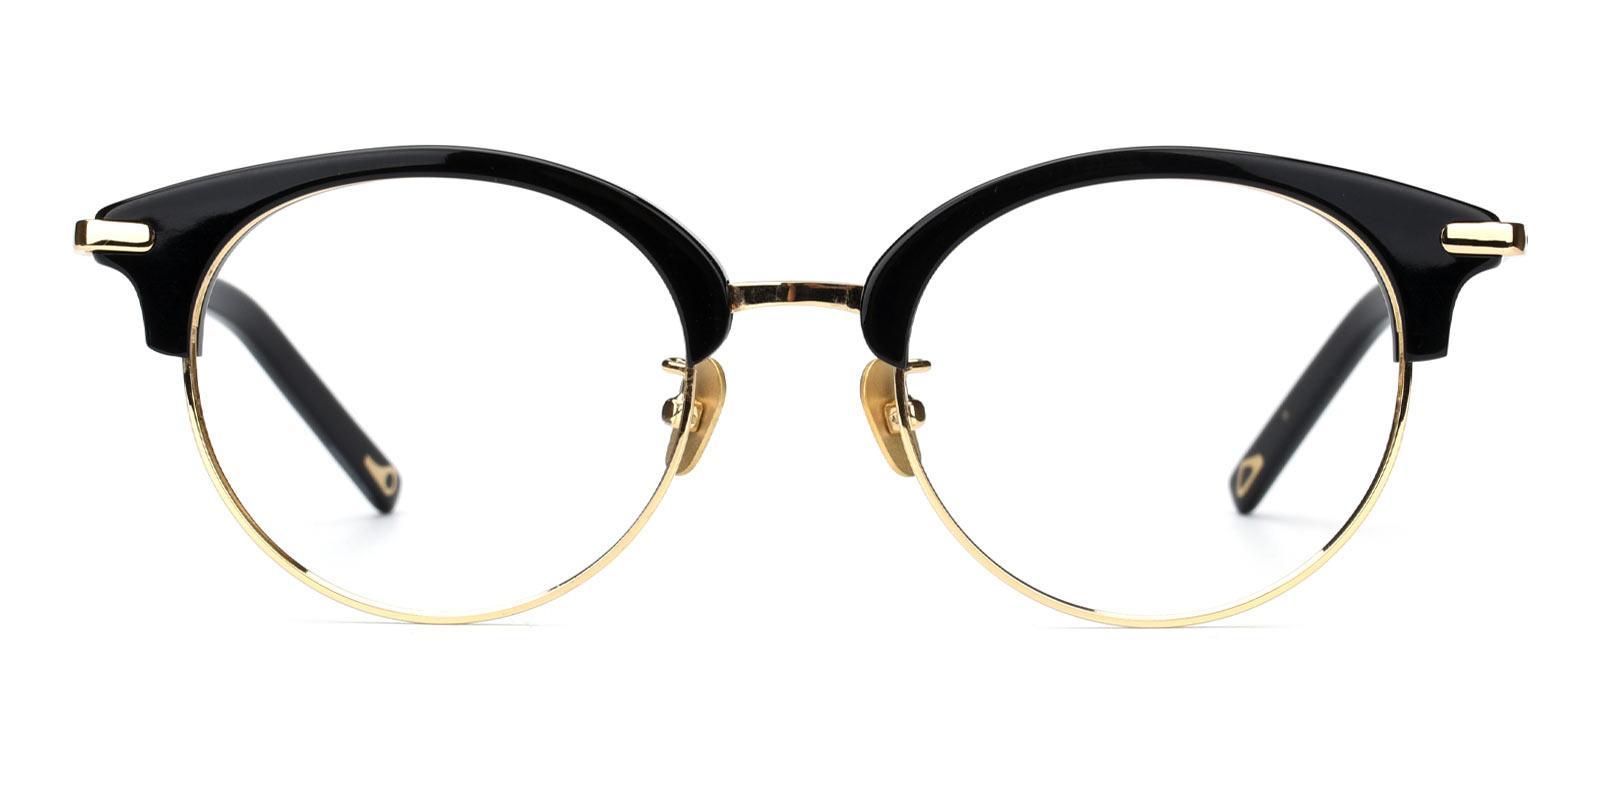 Jodie-Gold-Browline-Titanium-Eyeglasses-additional2